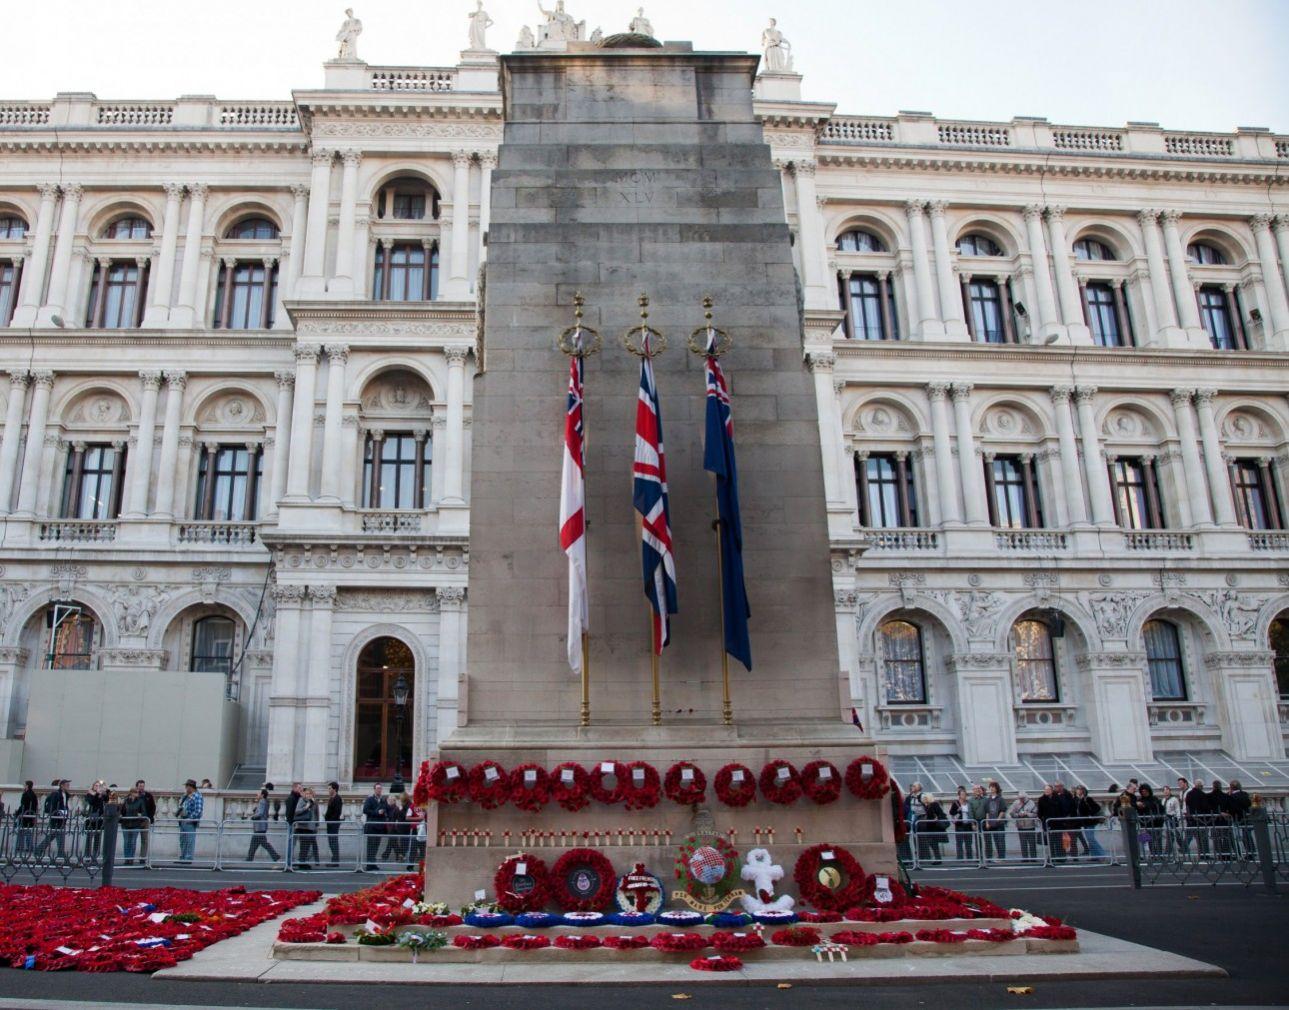 Σχεδιάστηκε από τον βρετανό αρχιτέκτονα, Έντουιν Λάτυενς, και χτίστηκε το 1919-1920 για τα θύματα του, τότε γνωστού ως, Μεγάλου Πολέμου, αλλά το «Κενοτάφιο», στο Ουάιτχολ του Λονδίνου, είναι πλέον αφιερωμένο στη μνήμη των πεσόντων και των δύο Παγκοσμίων Πολέμων.